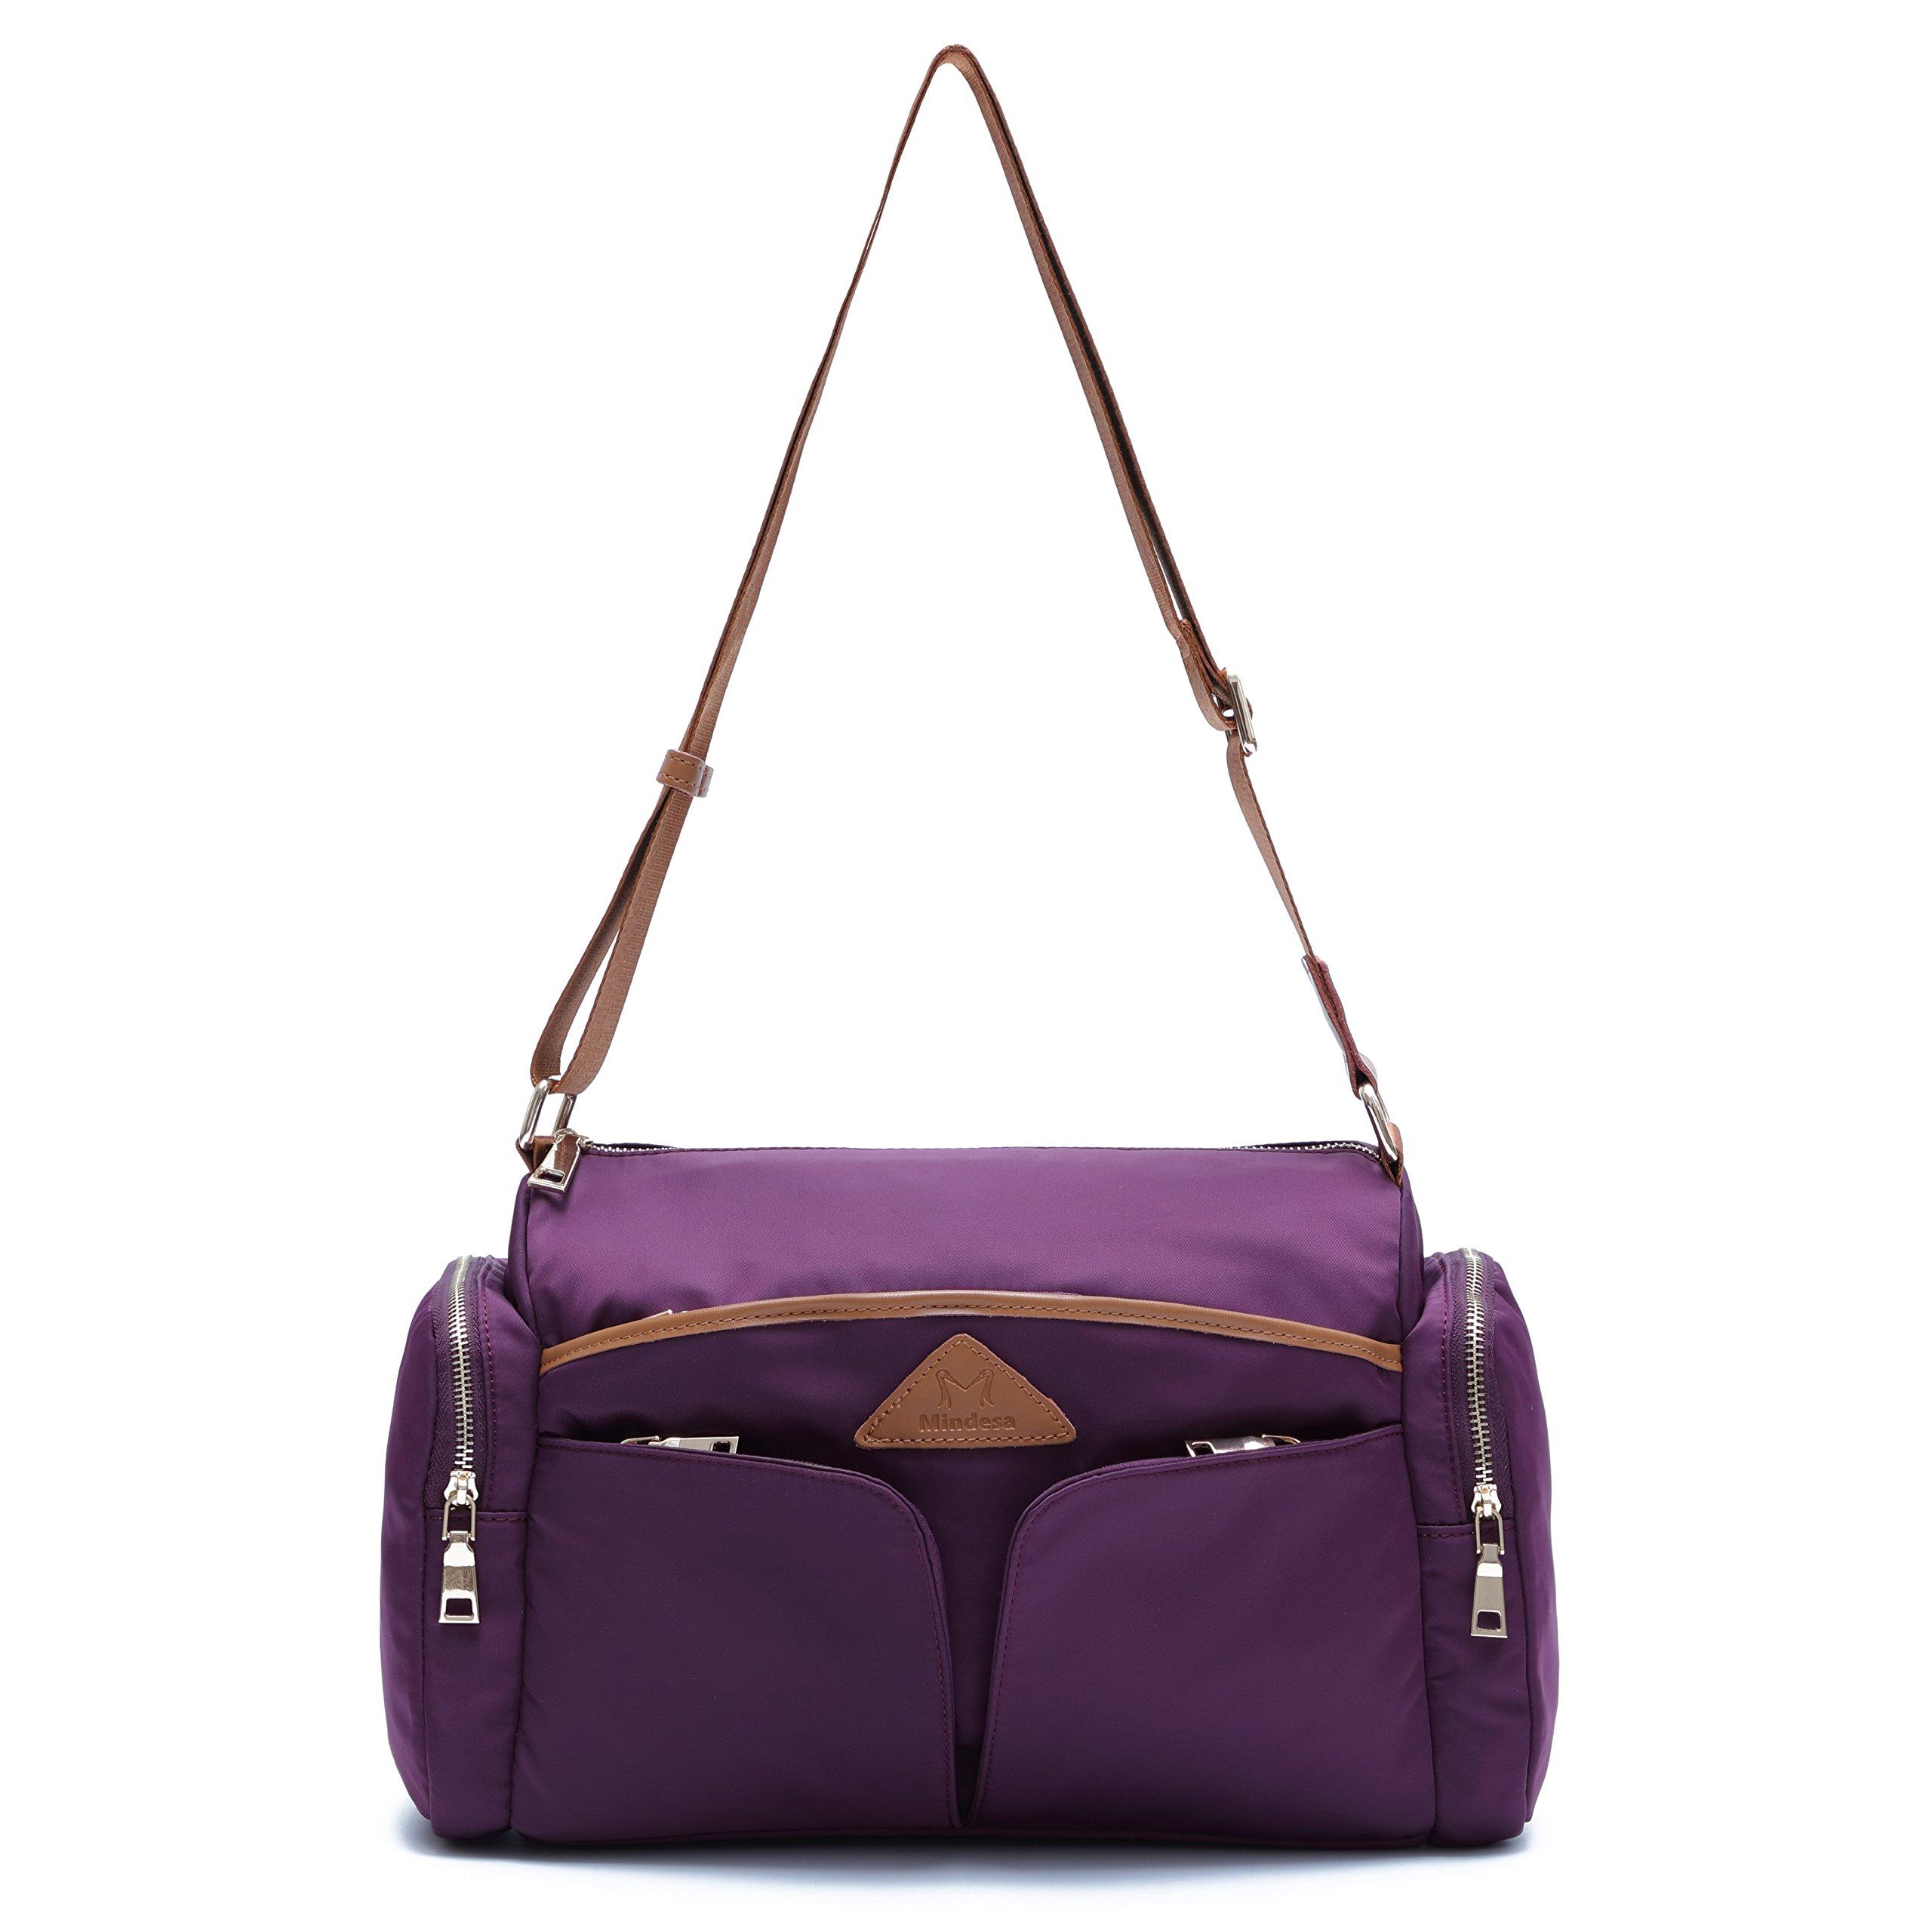 Ali Victory Unisex Waterproof Nylon Sports Gym Travel Weekender Duffel Bag (Purple)